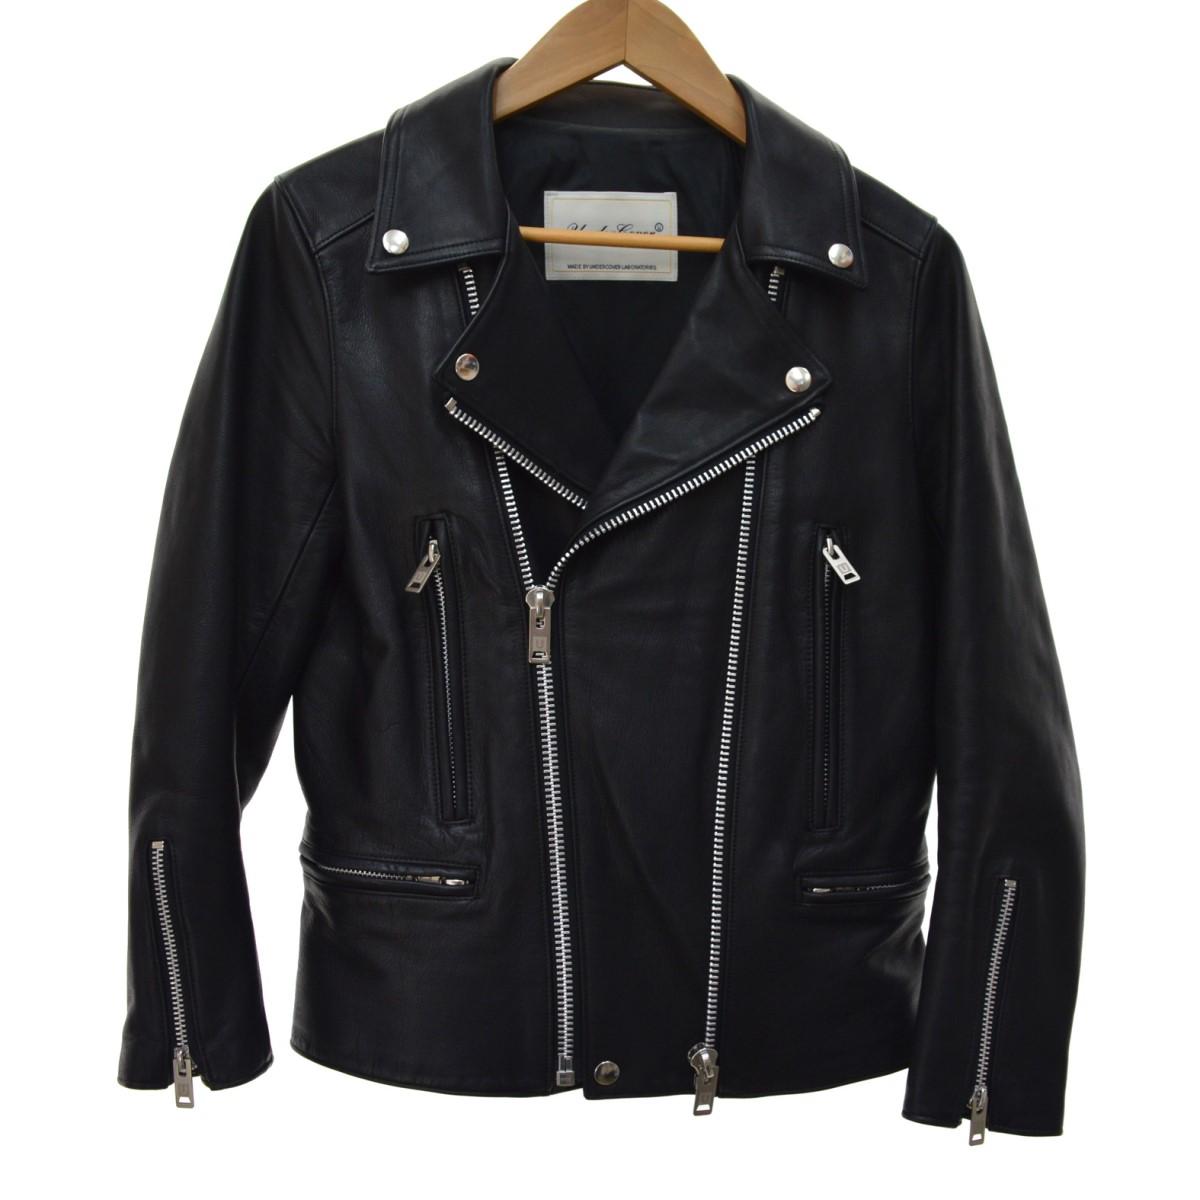 【中古】UNDERCOVER19SS BASIC ジップダブルライダースジャケット ブラック サイズ:2